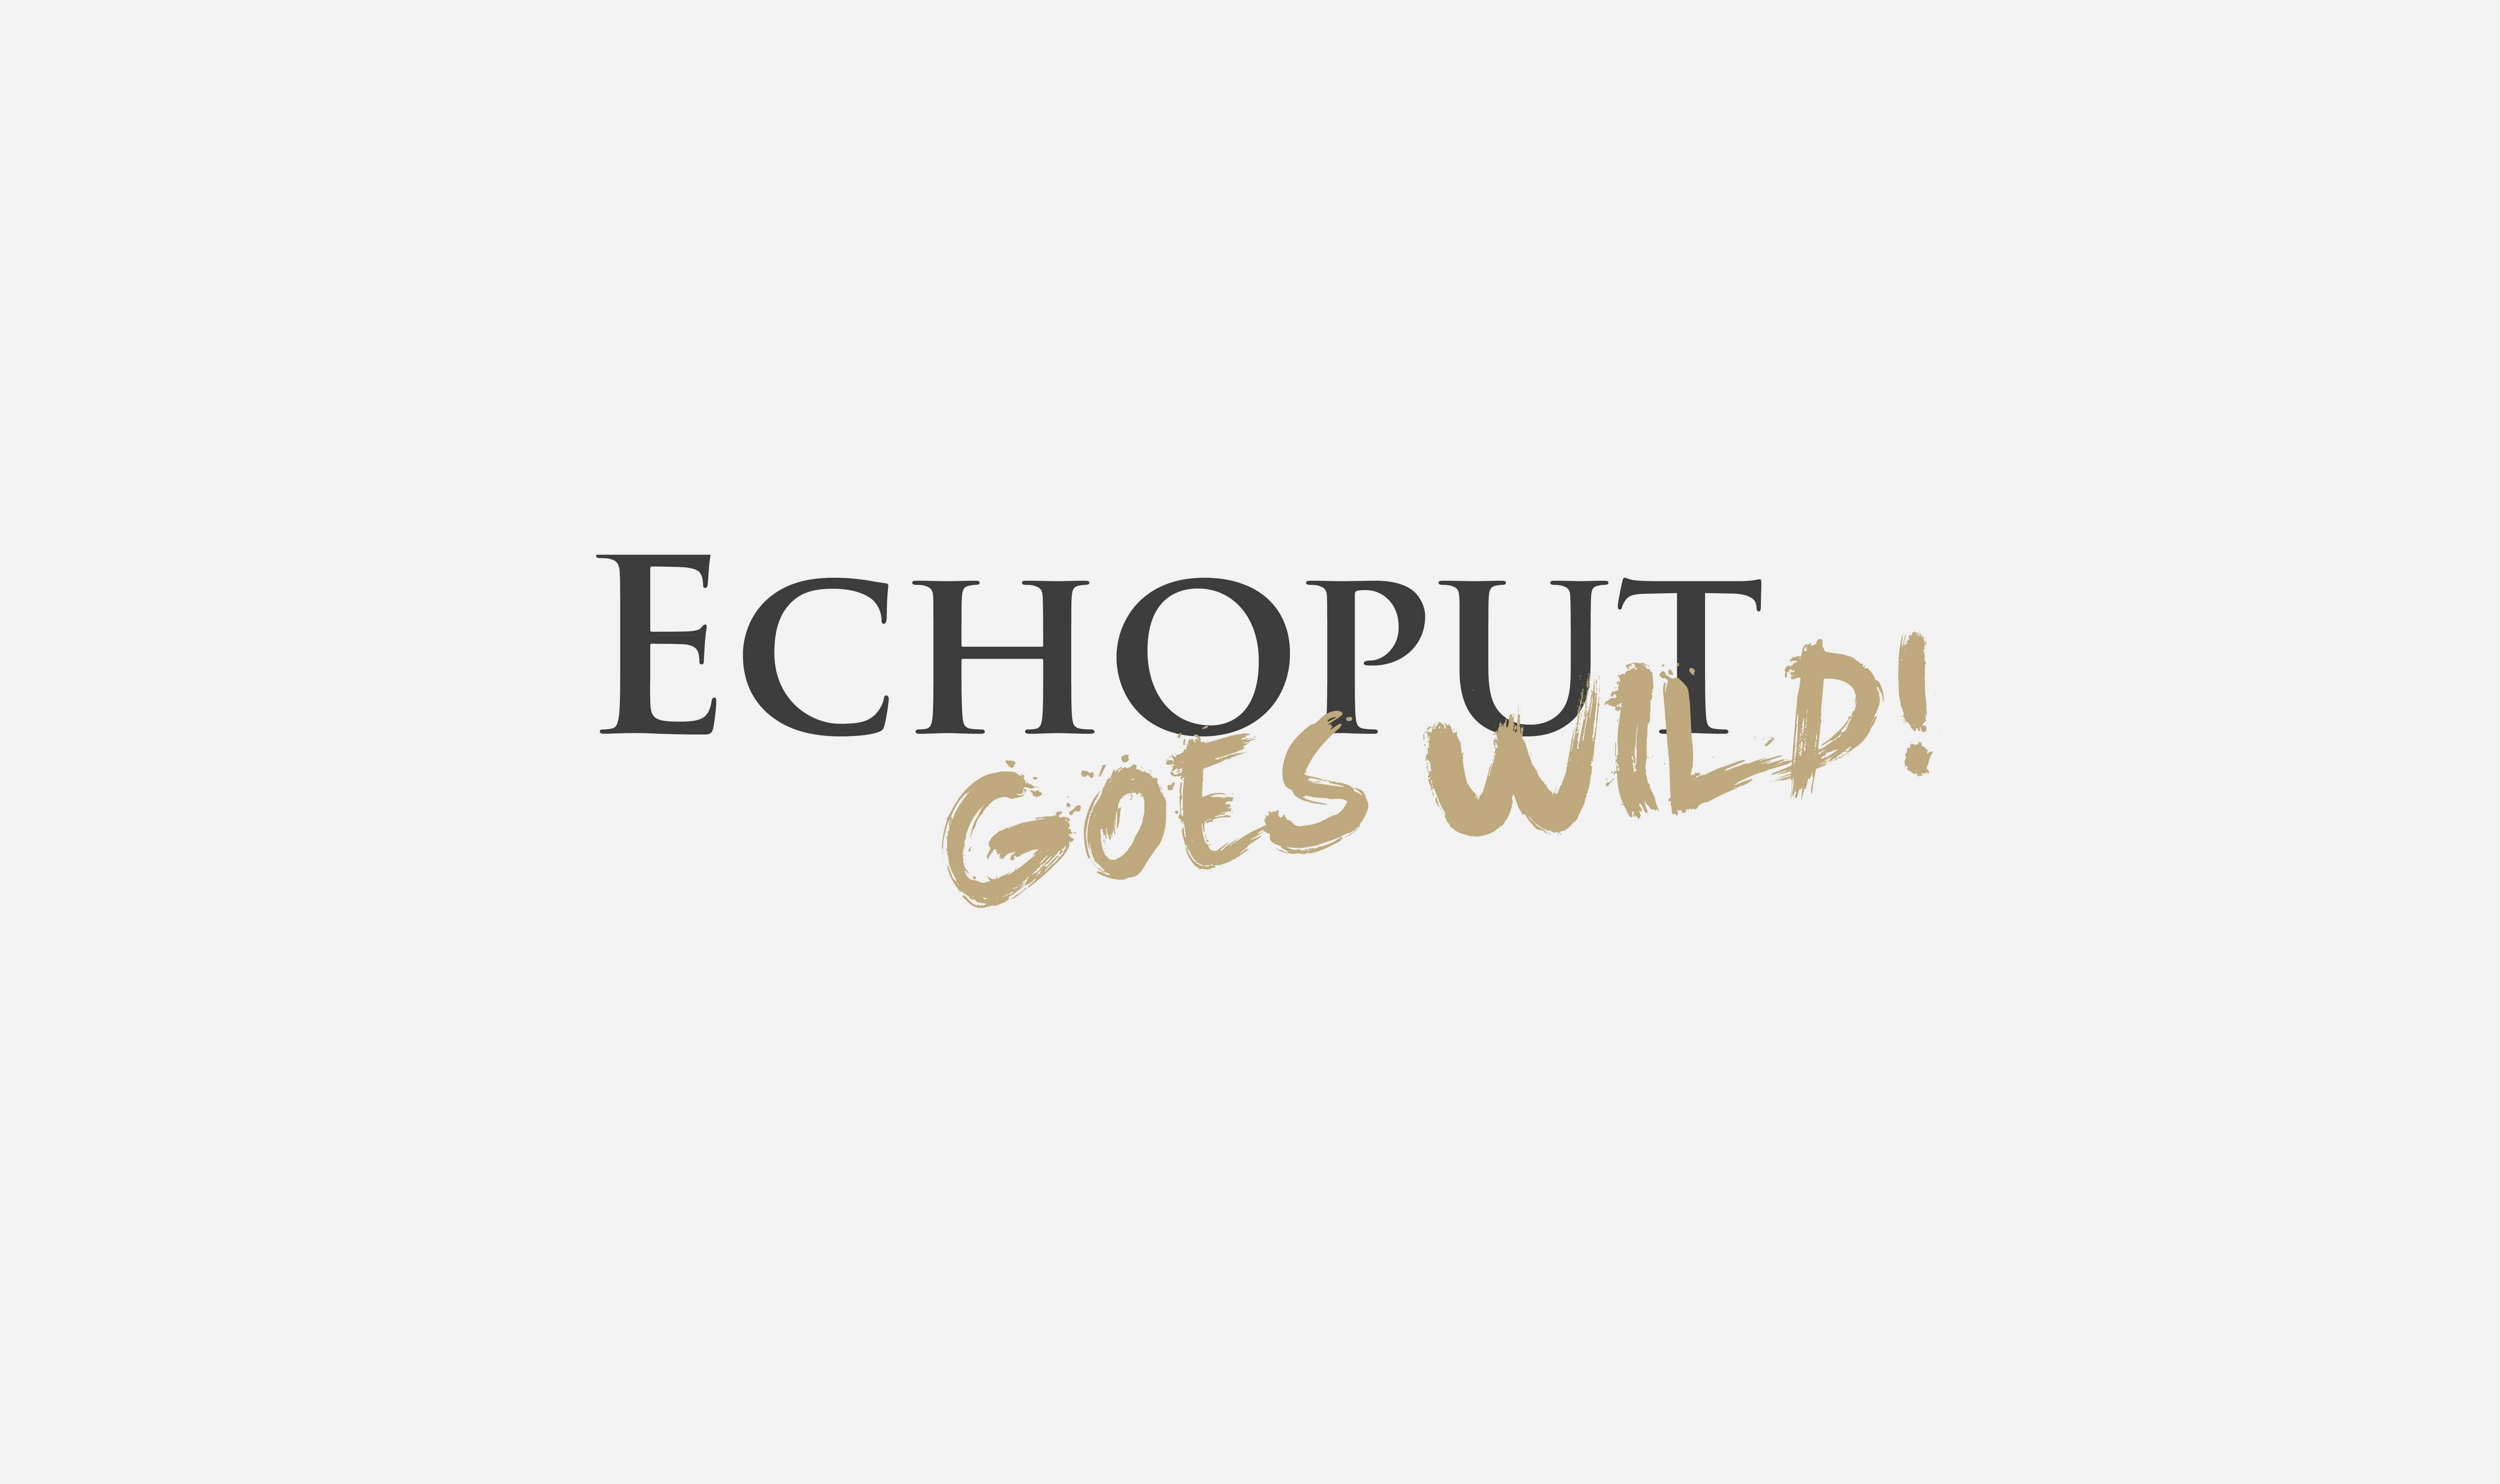 Echoput Goes Wild logo